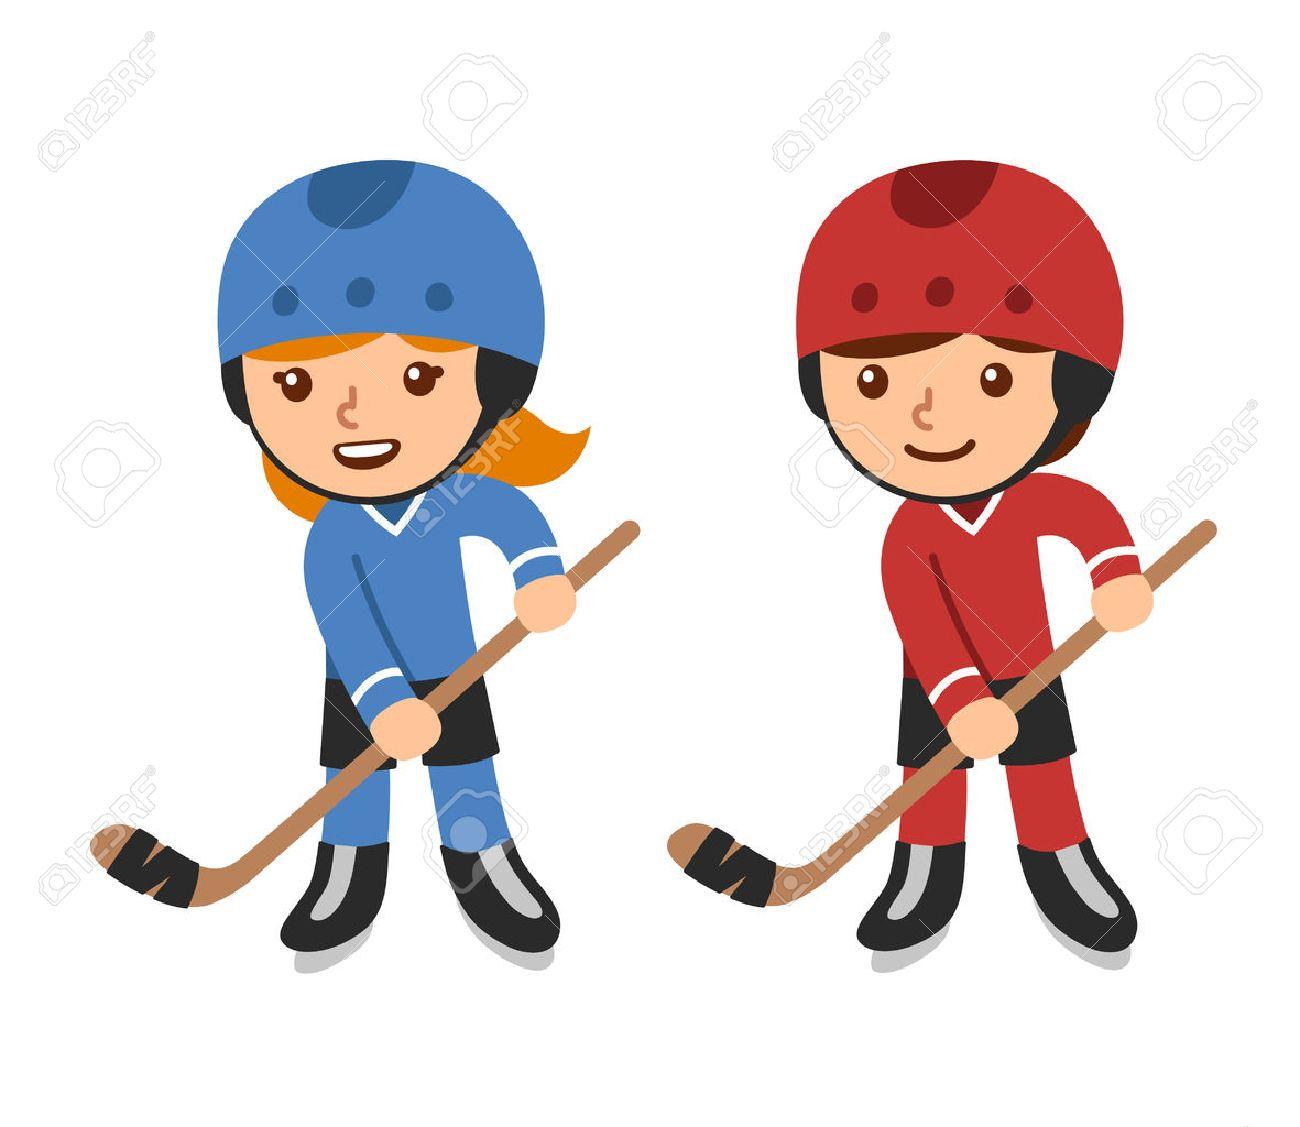 1300x1127 Cute Cartoon Hockey Players, Boy And Girl. Isolated Vector